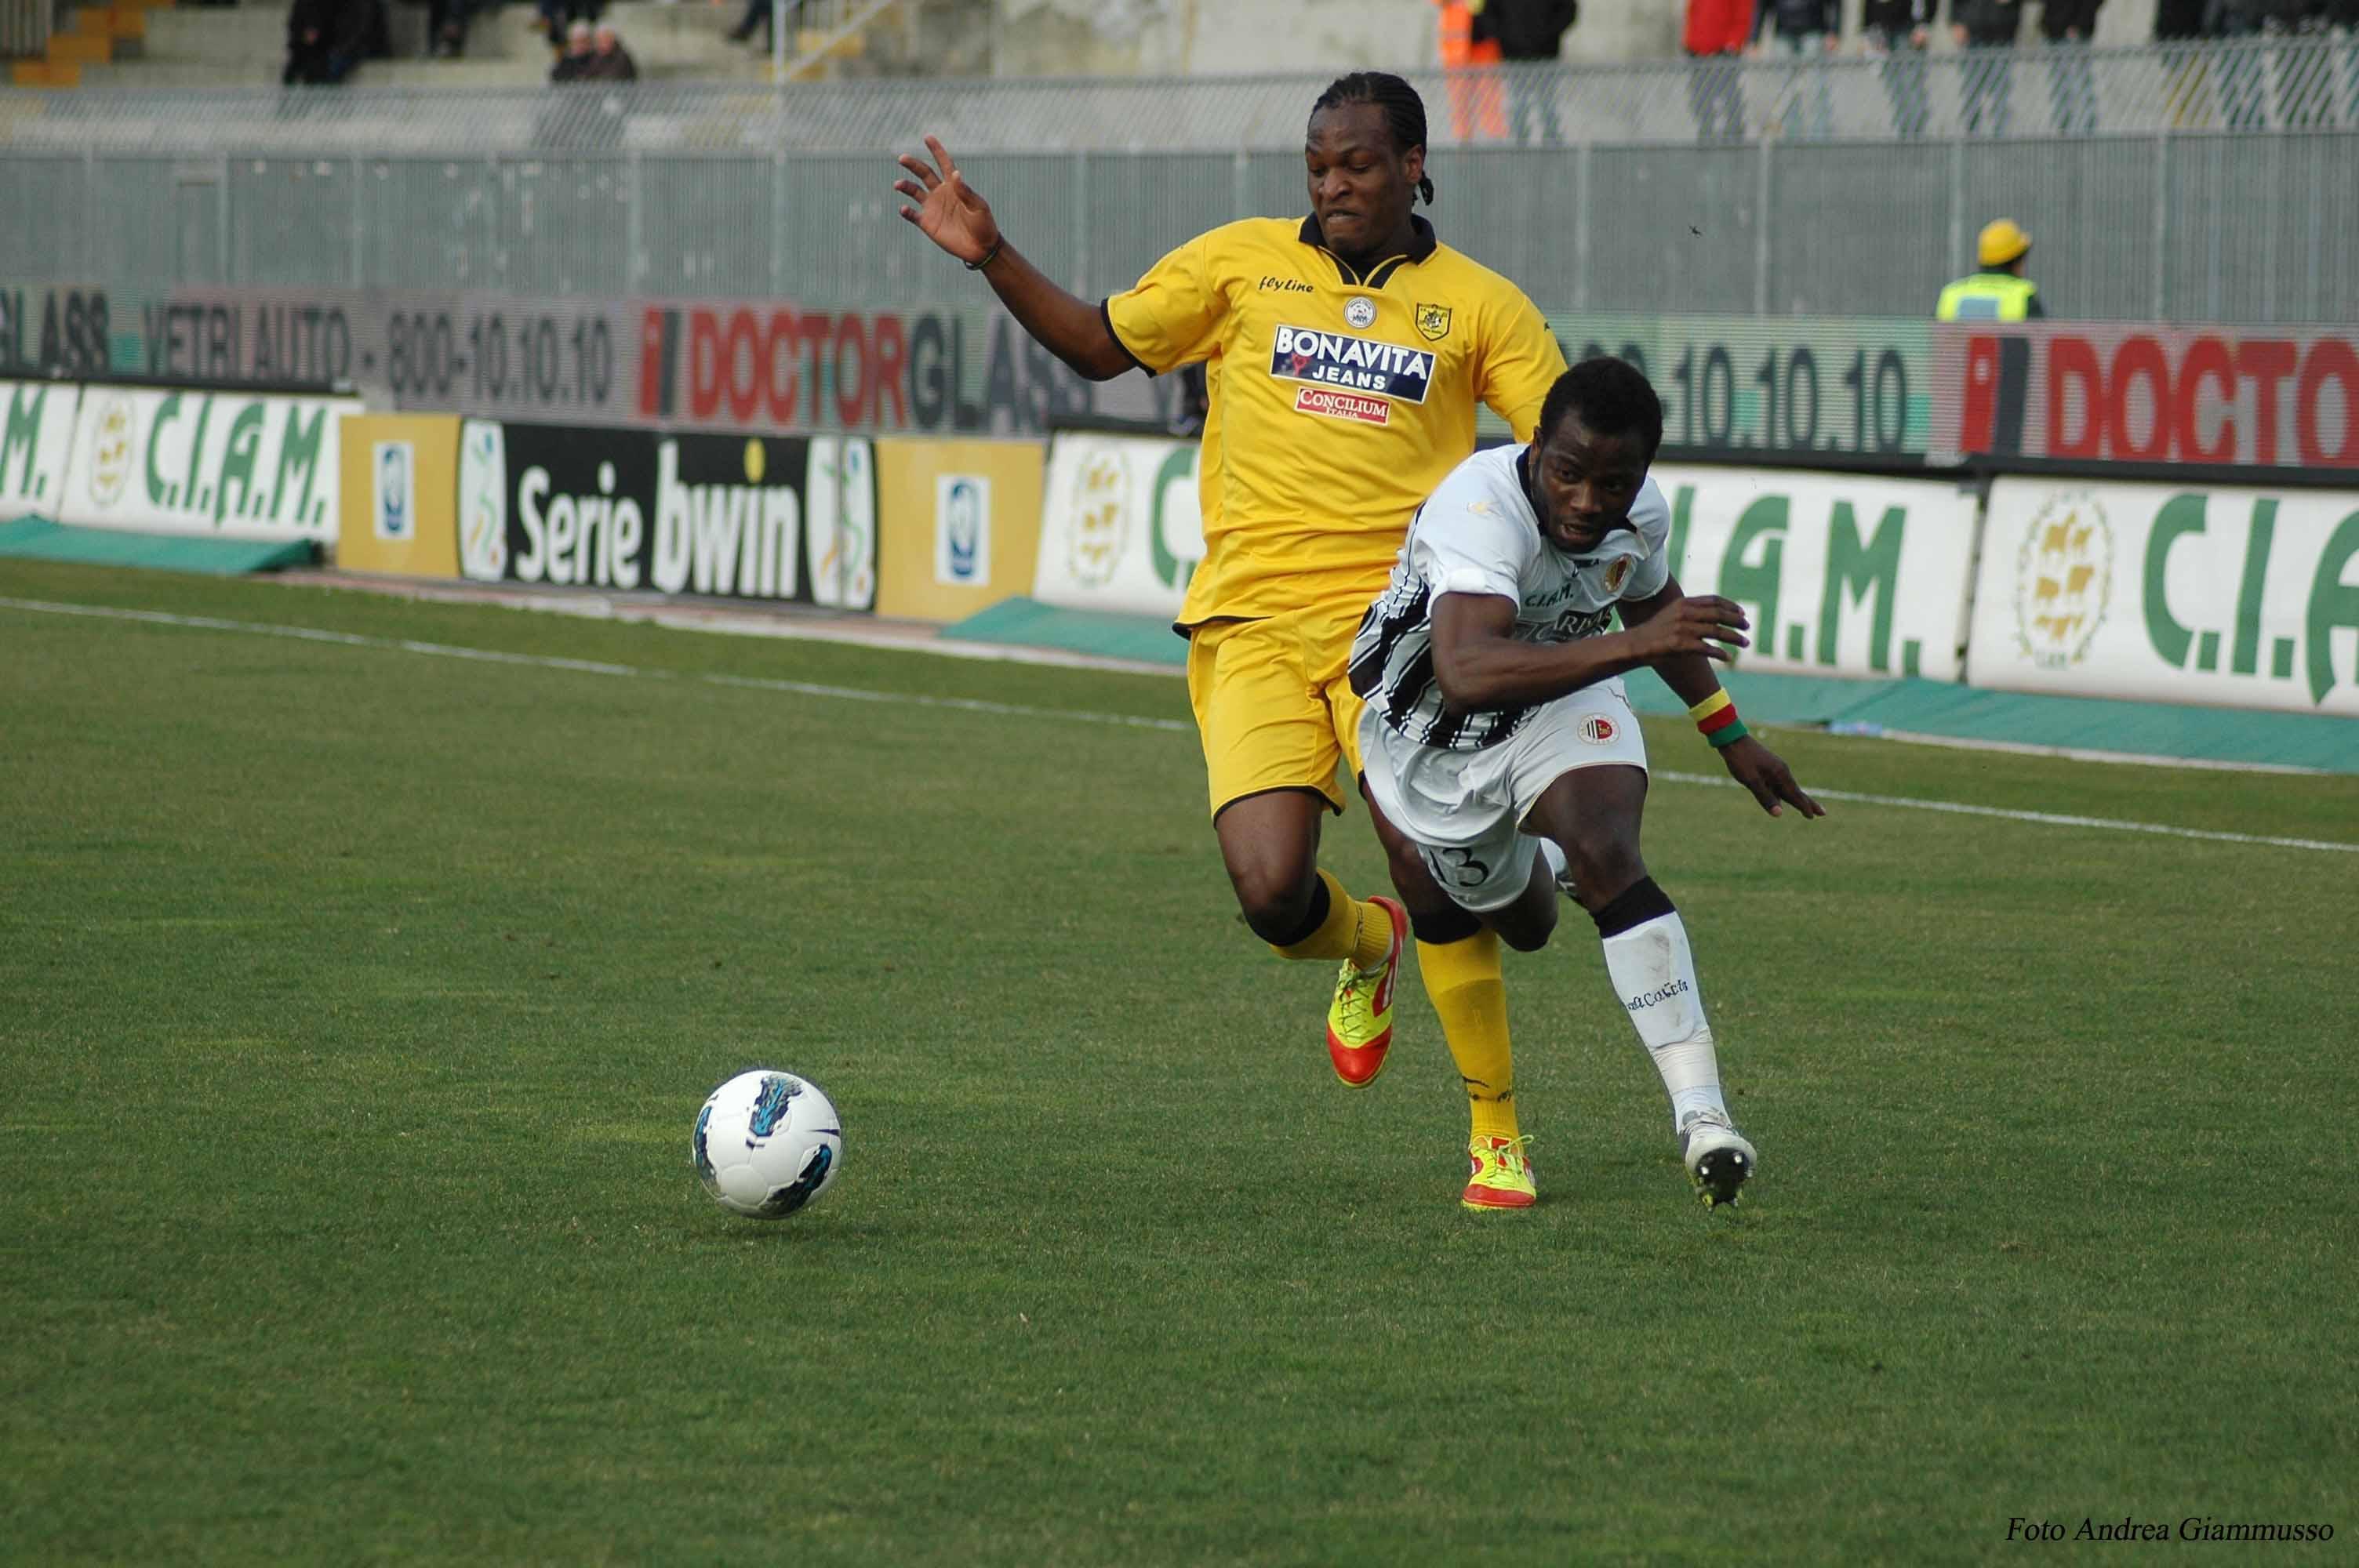 Mbakogu atterra Parfait per l'arbitro tutto regolare (giammusso)